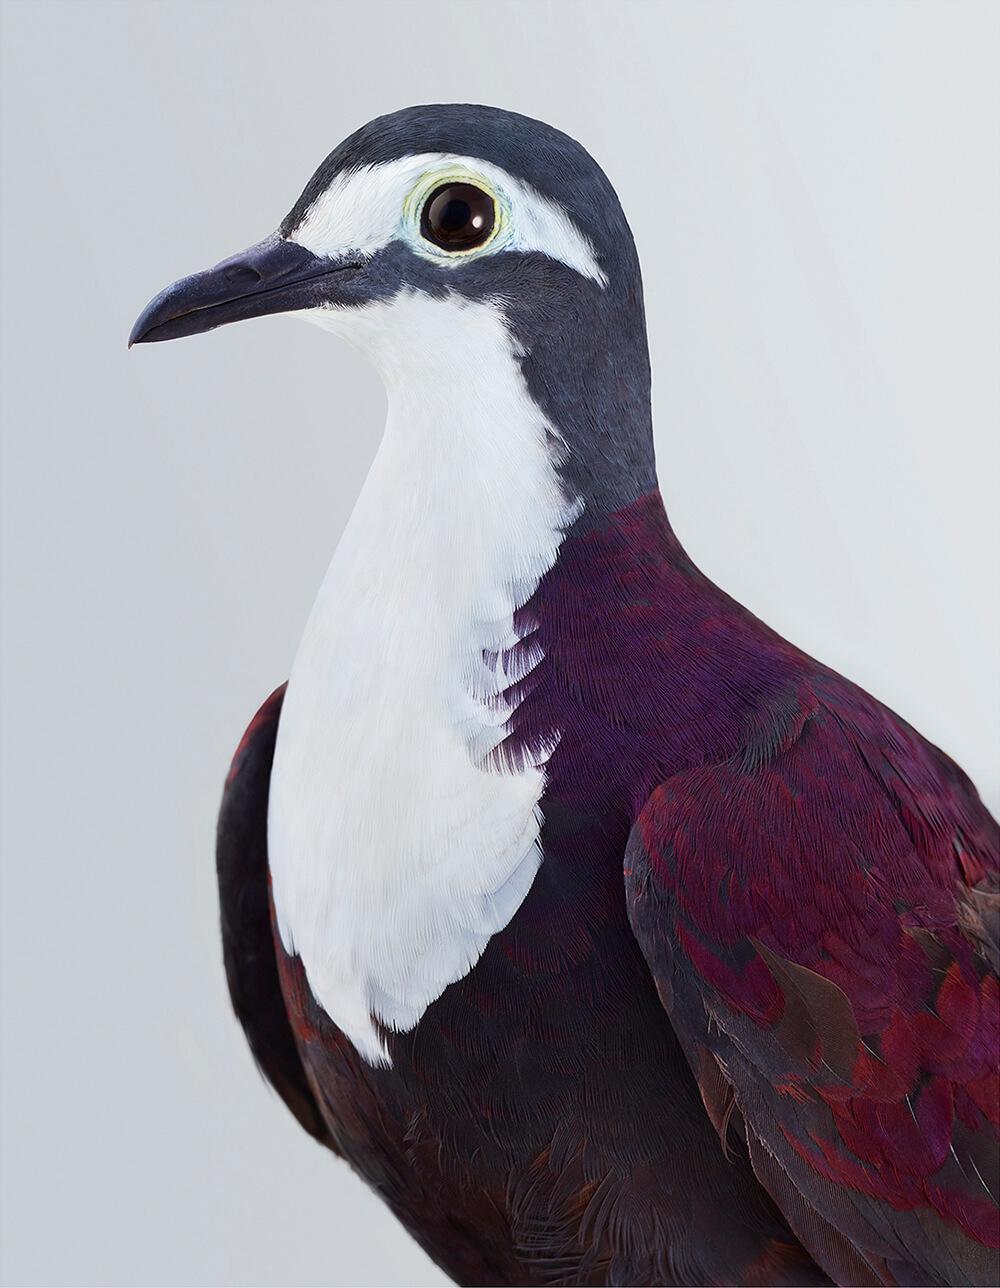 портреты пернатых, личность изображенной птицы, фото 4